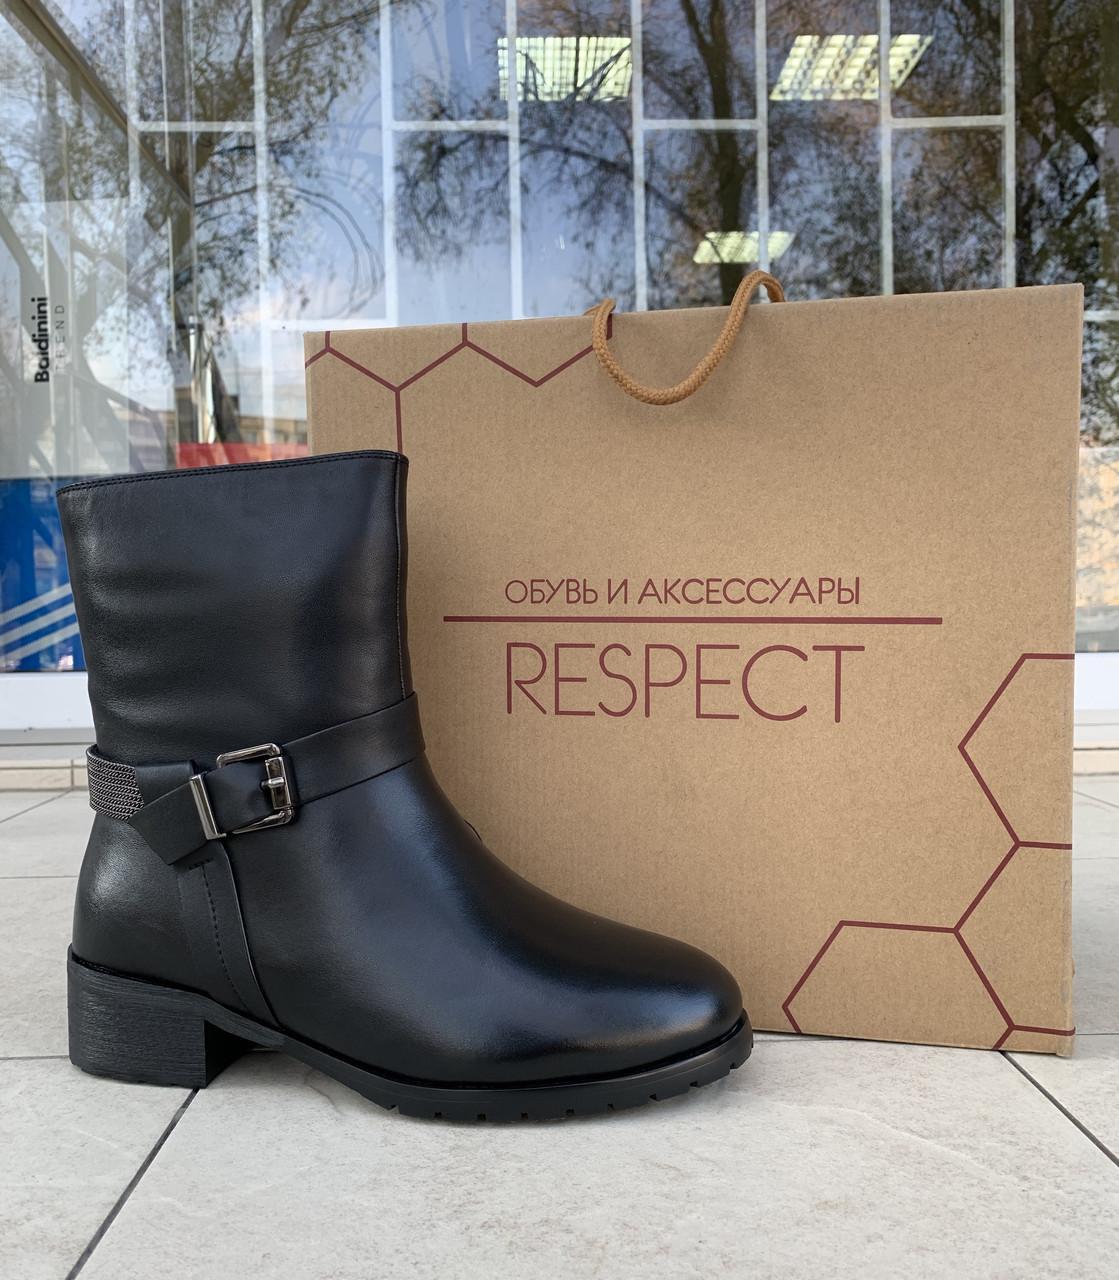 Женские высокие ботинки Respect оригинал натуральная кожа шерсть 39